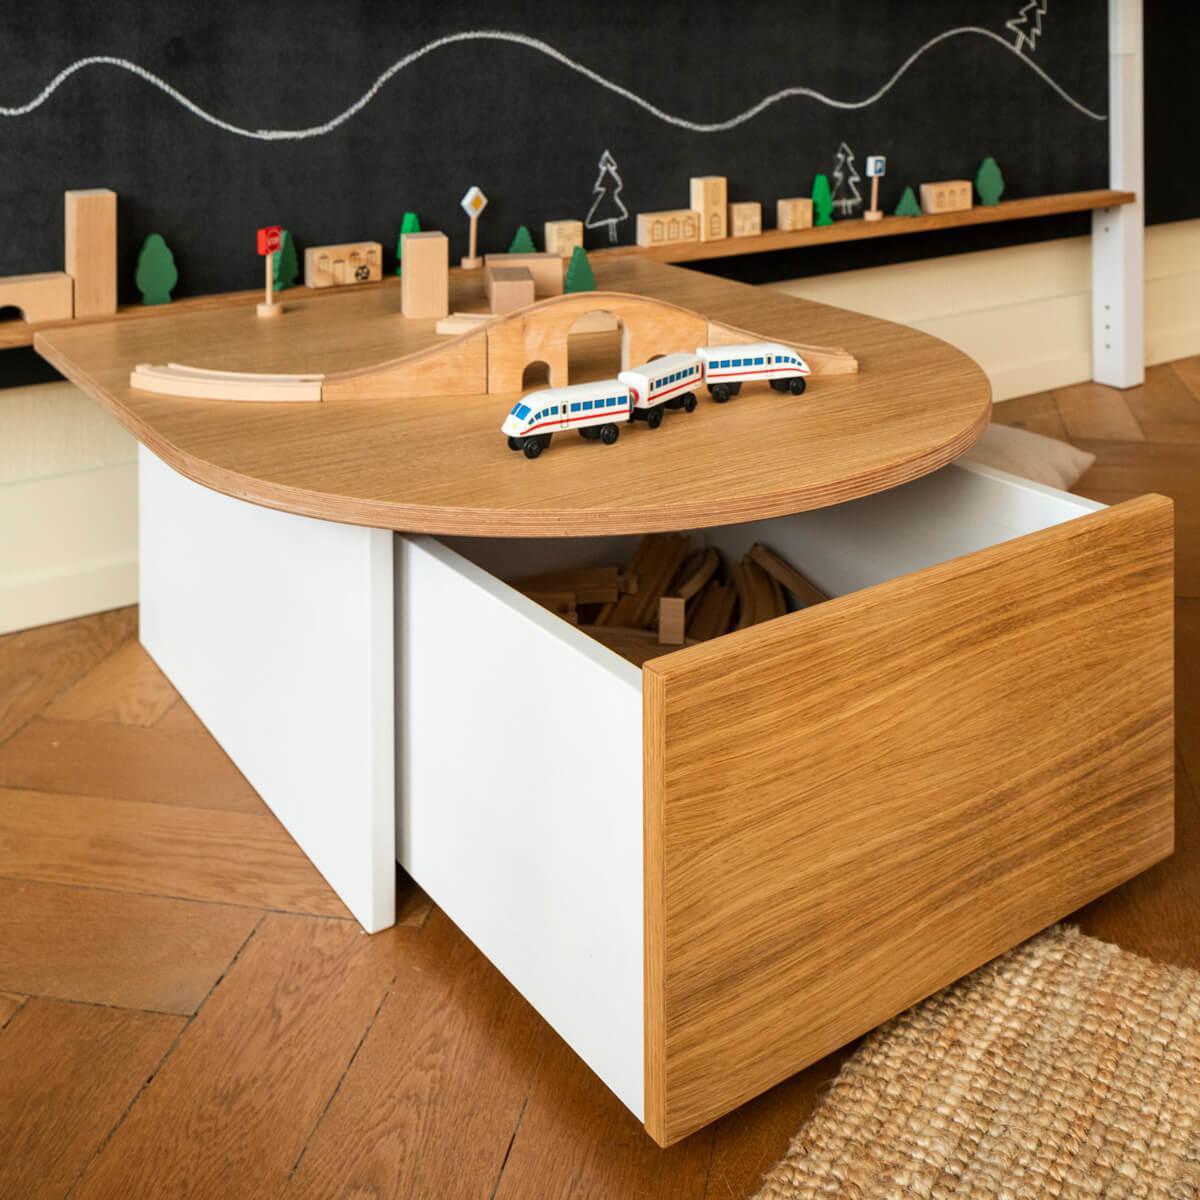 Spieltisch KASVA Debreuyn Multiplex weiß-lackiert Eiche-furniert